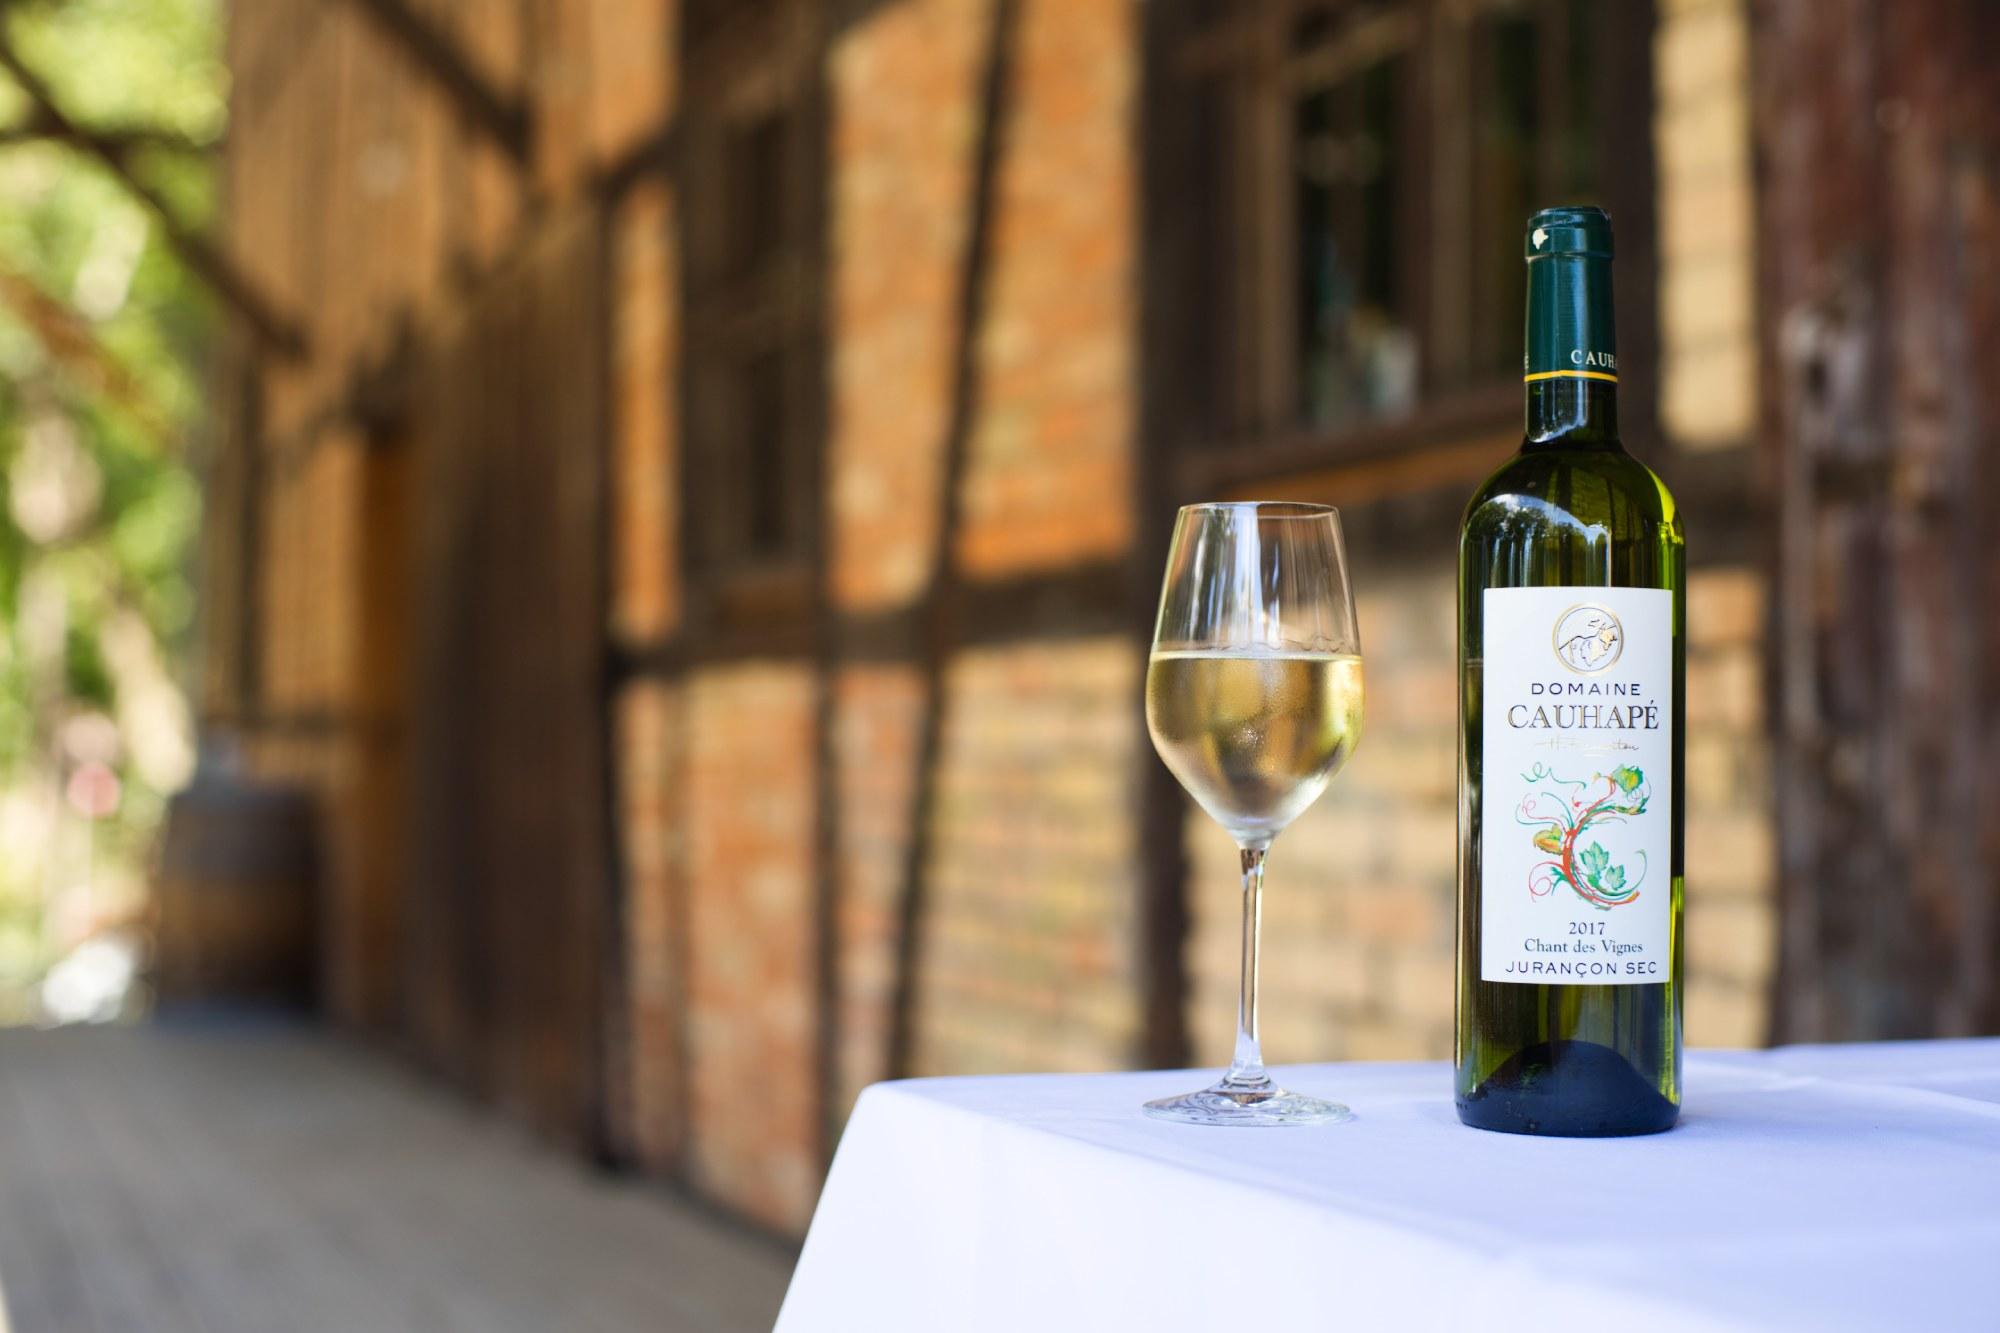 Domaine Cauhapé Chant de Vignes